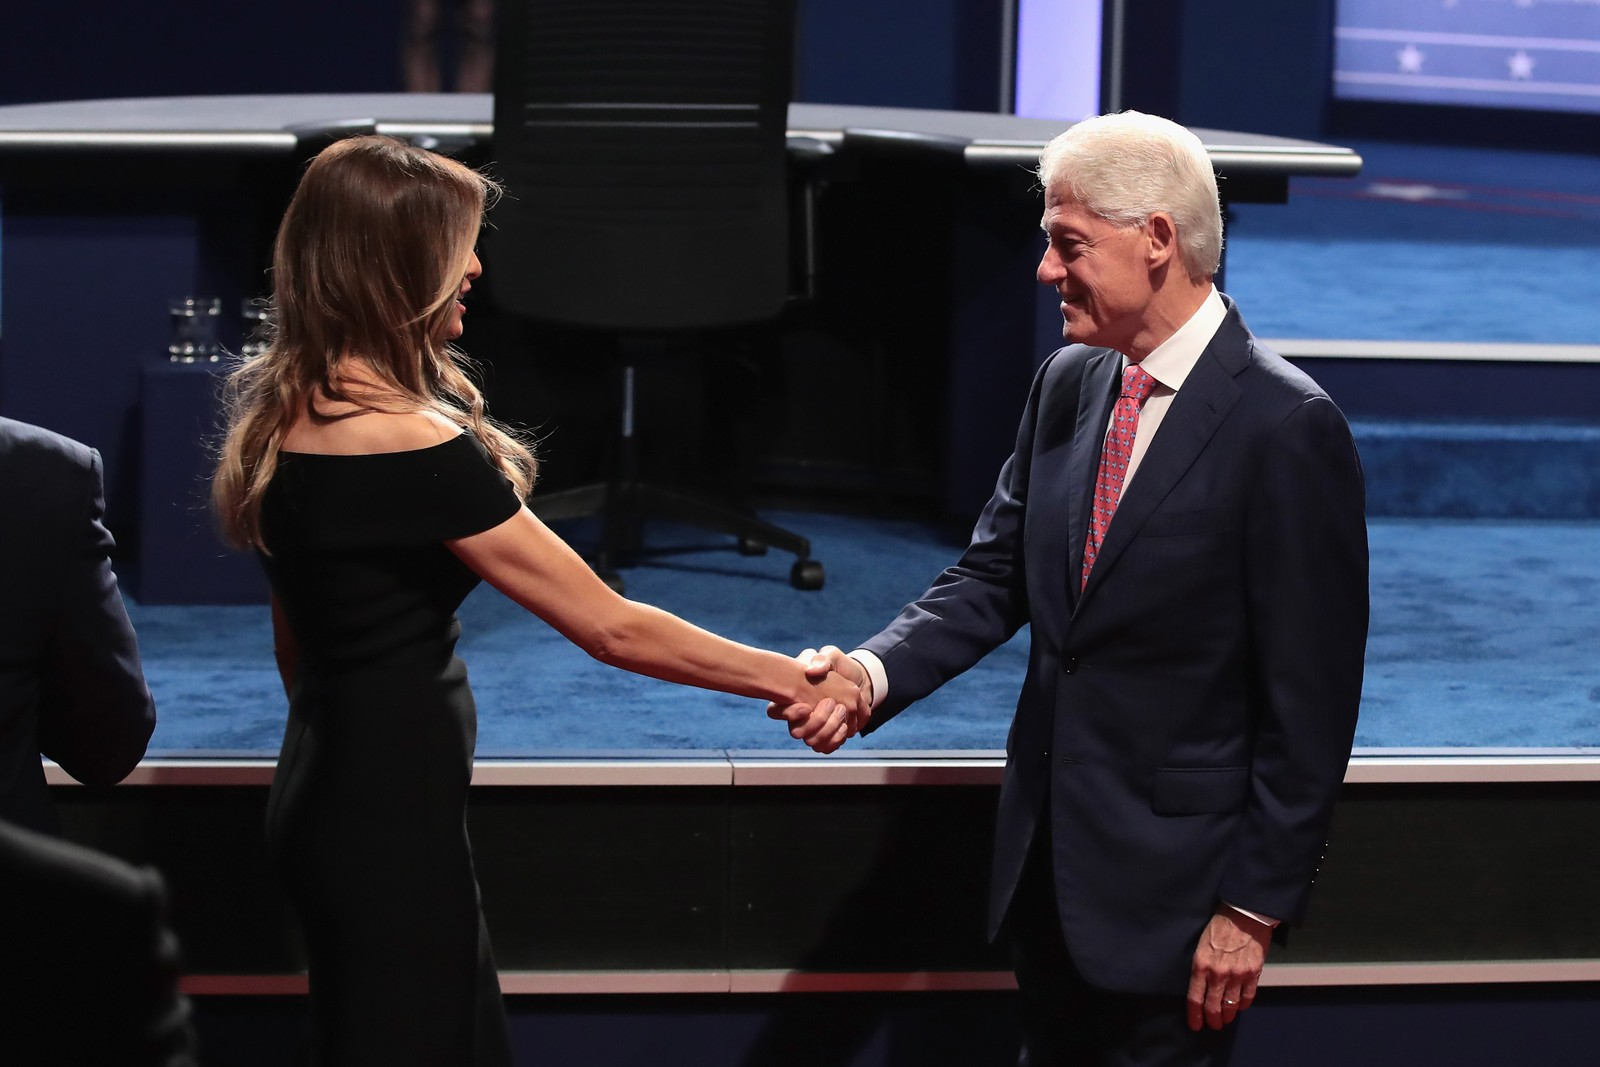 ... og her hilser han på Trumps kone, Melania Trump.